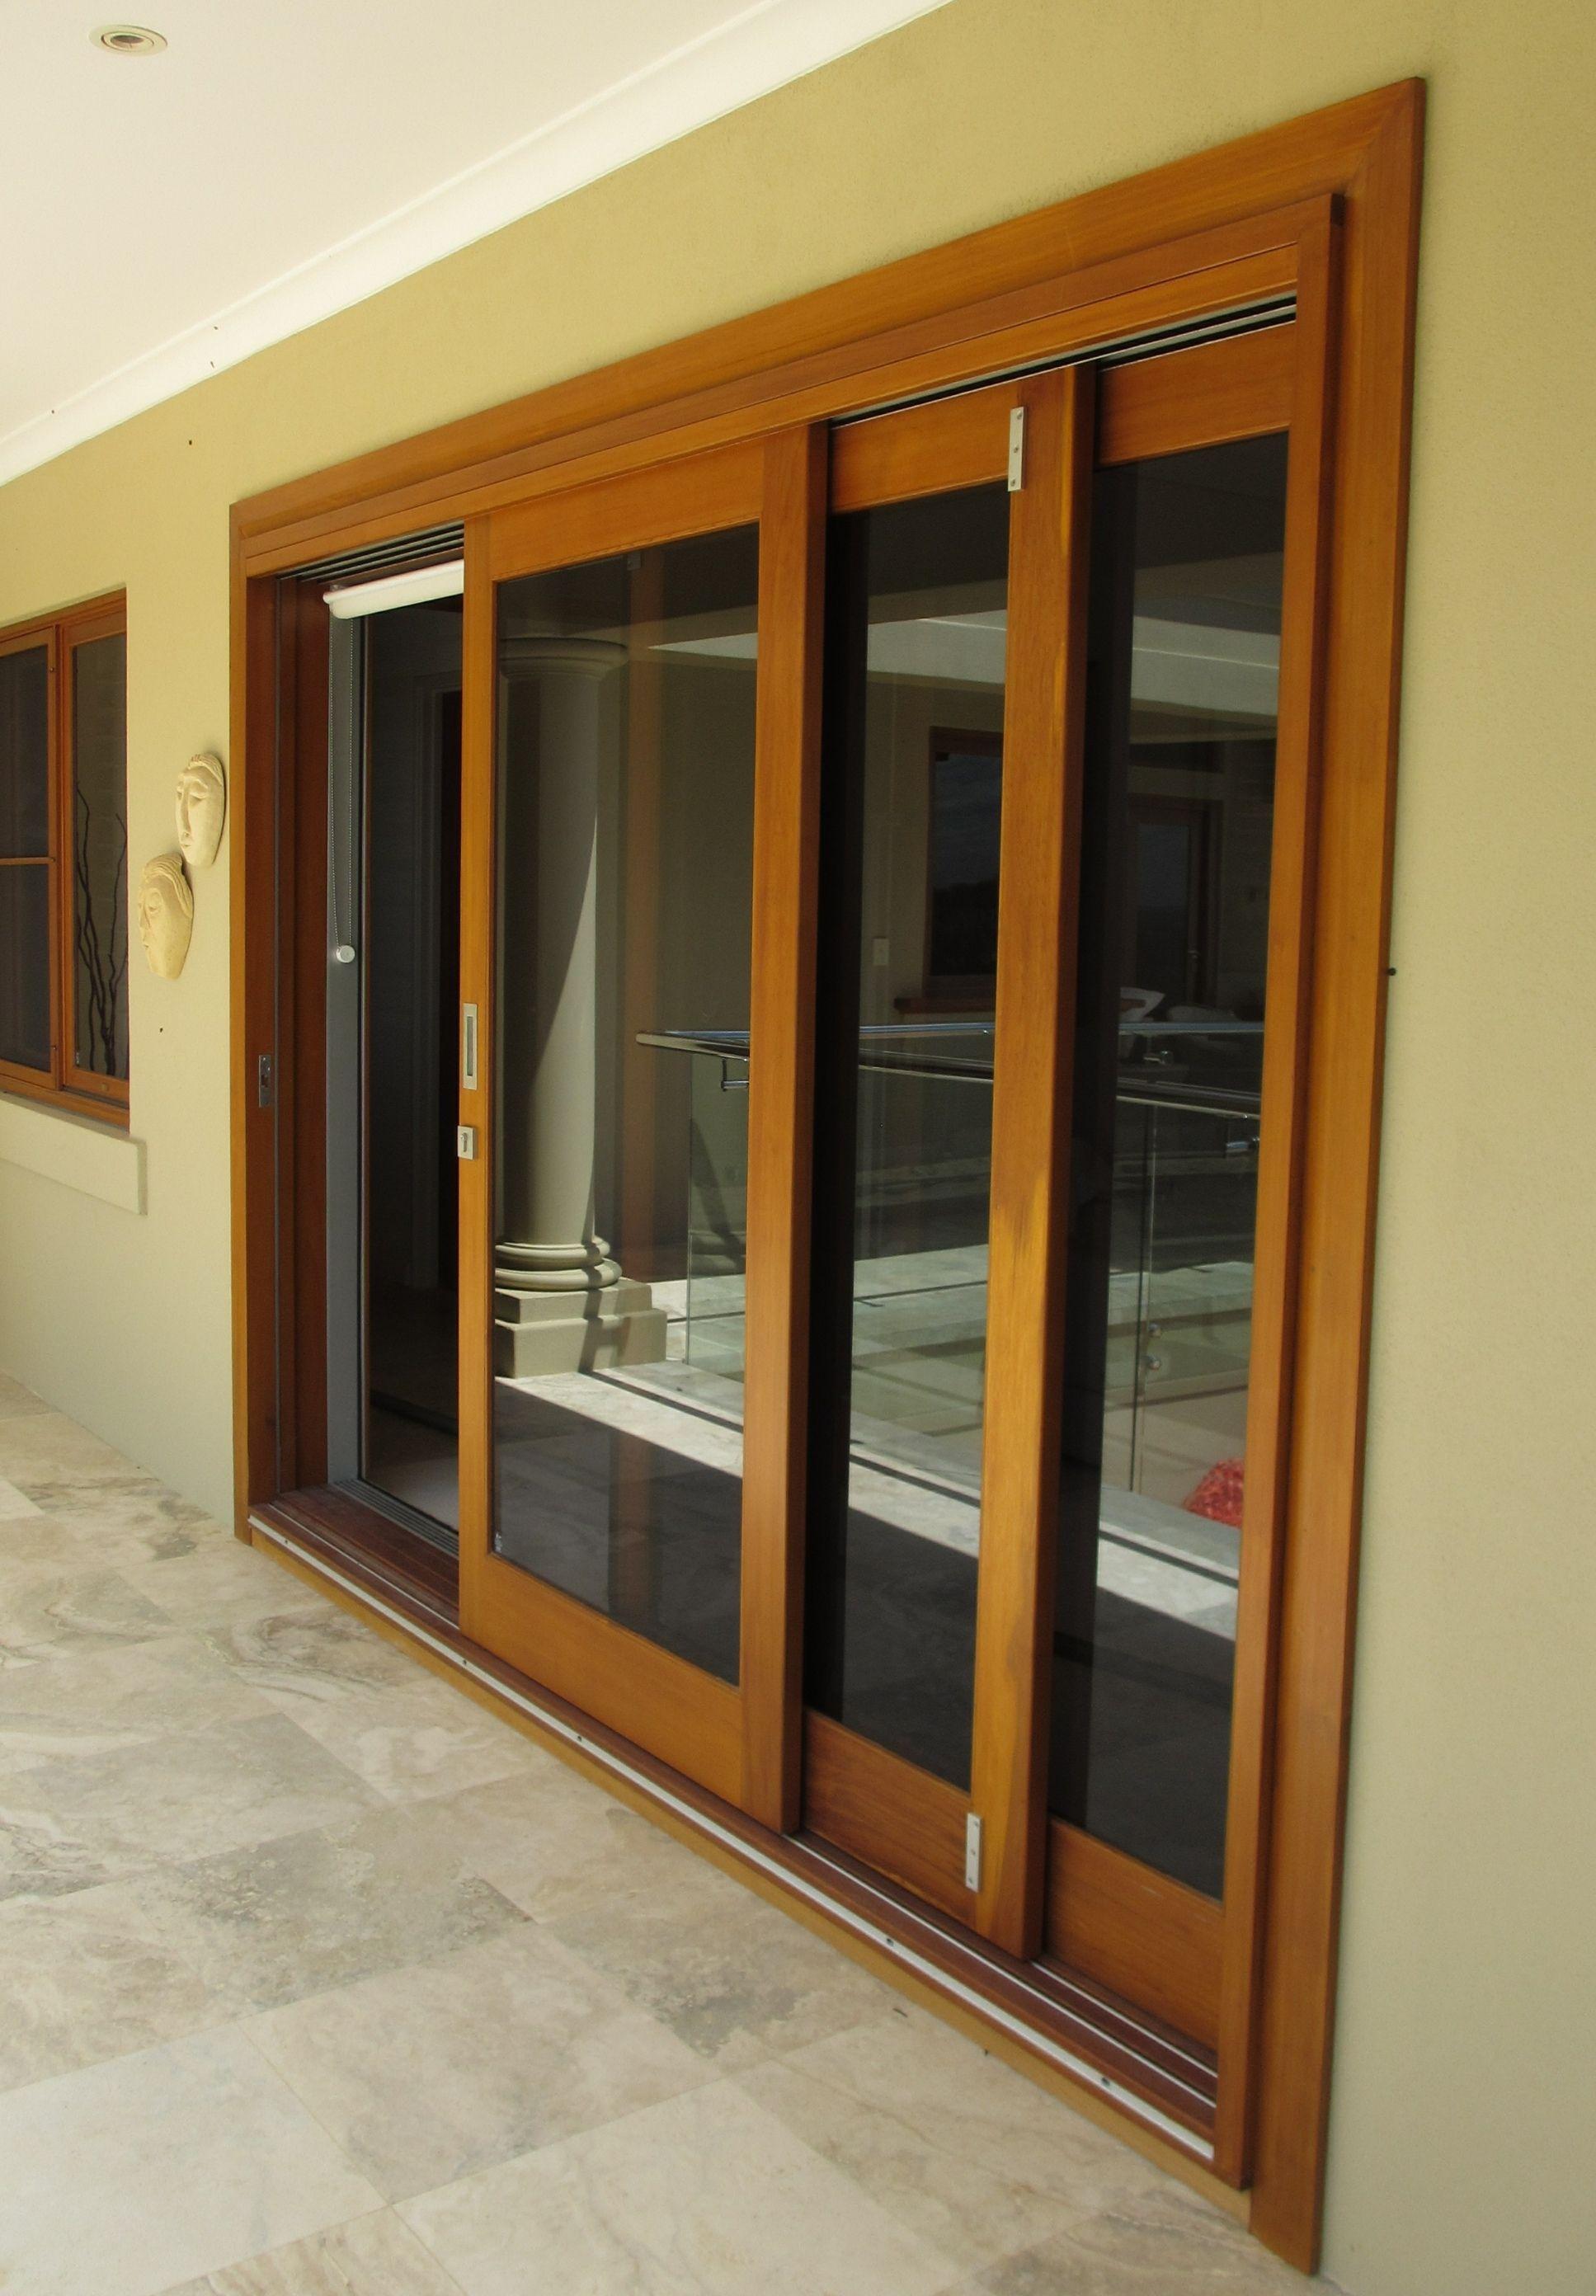 Multi Stack Sliding Glass Doors in 2020 Stacker doors